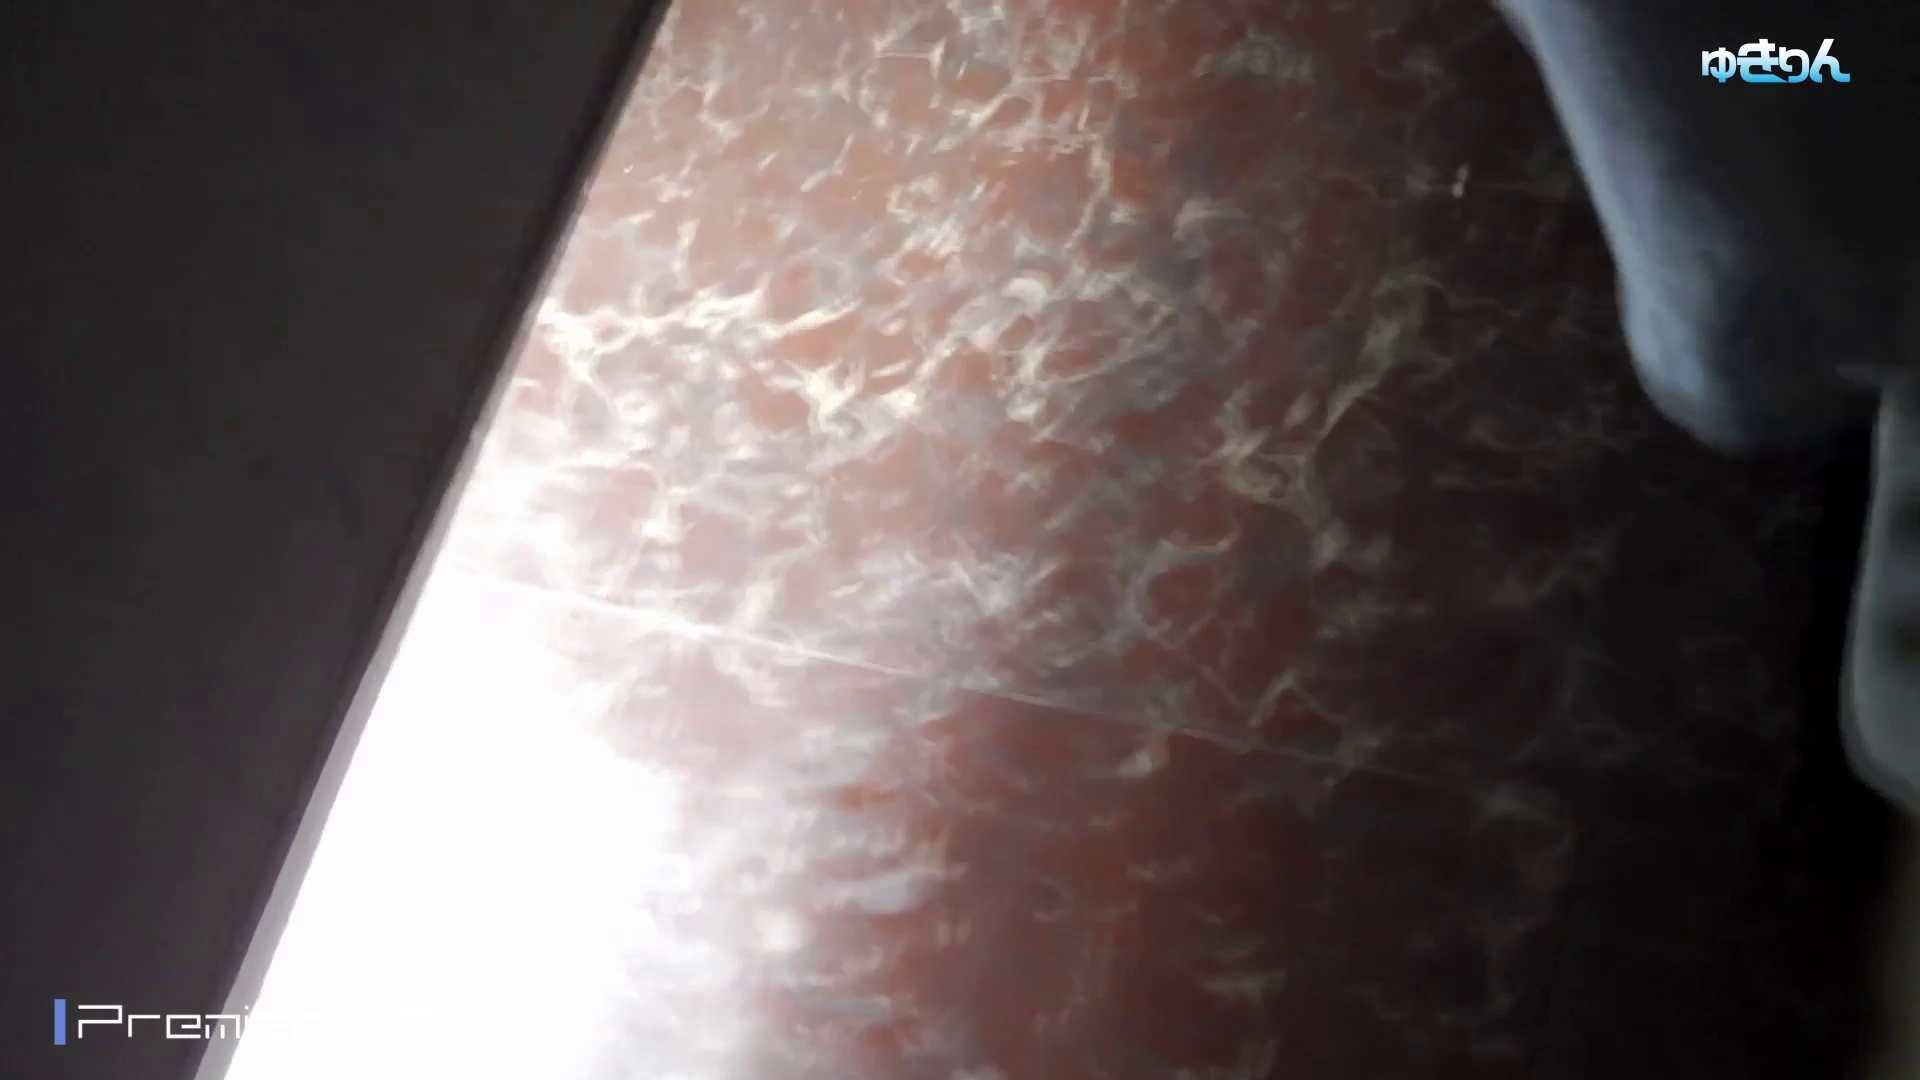 ステーション編 vol60 ユキリン粘着撮り!!今回はタイトなパンツが似合う美女 パンツ特集  82画像 4